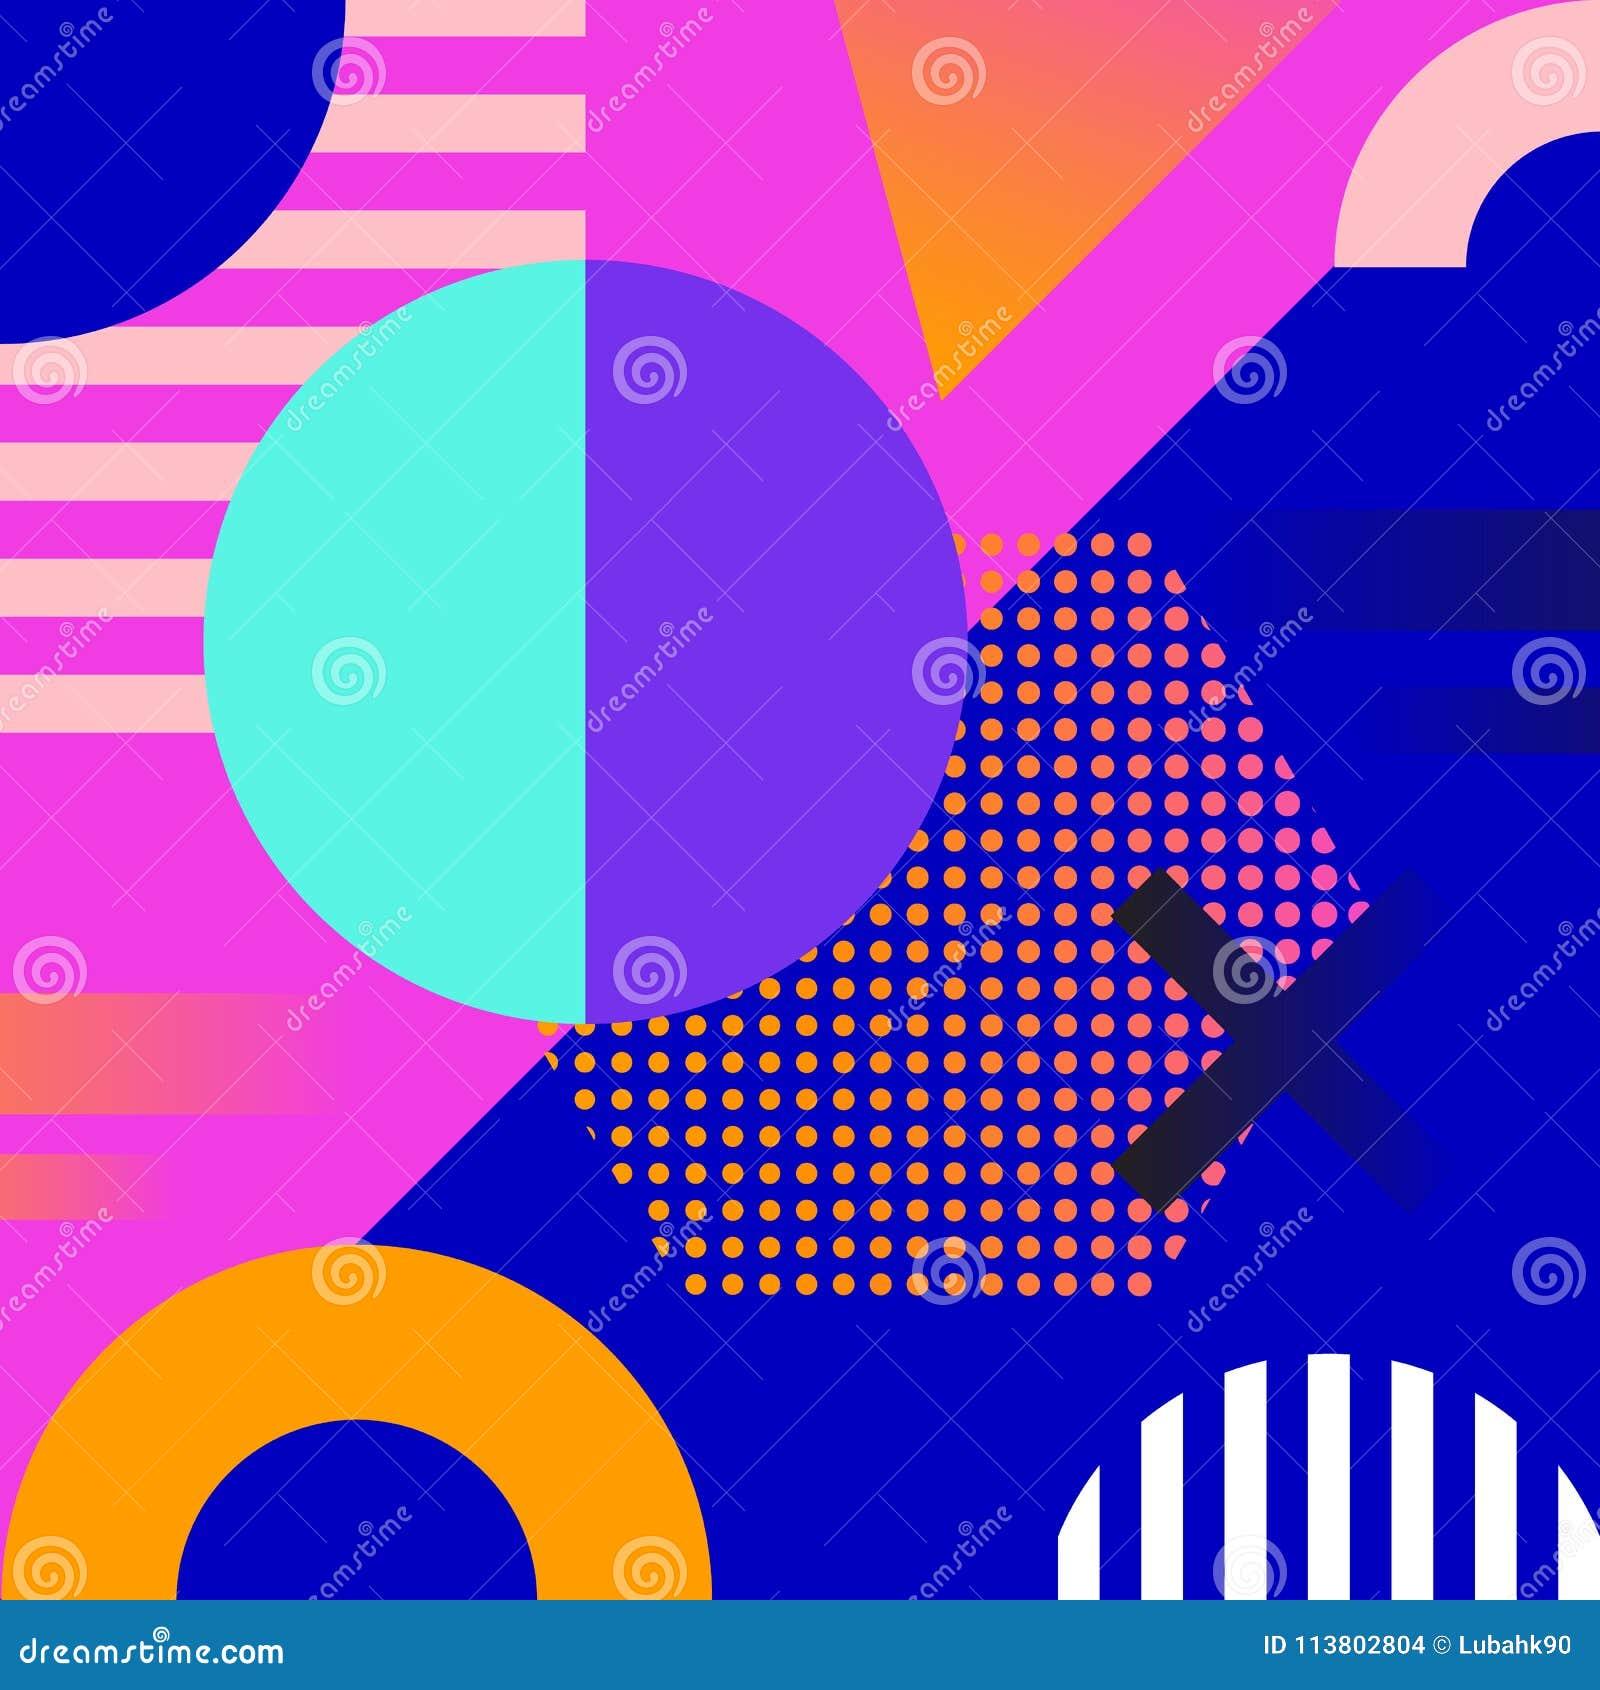 Hermosa Diseño Geométrico Fresco Para Colorear Adorno - Enmarcado ...